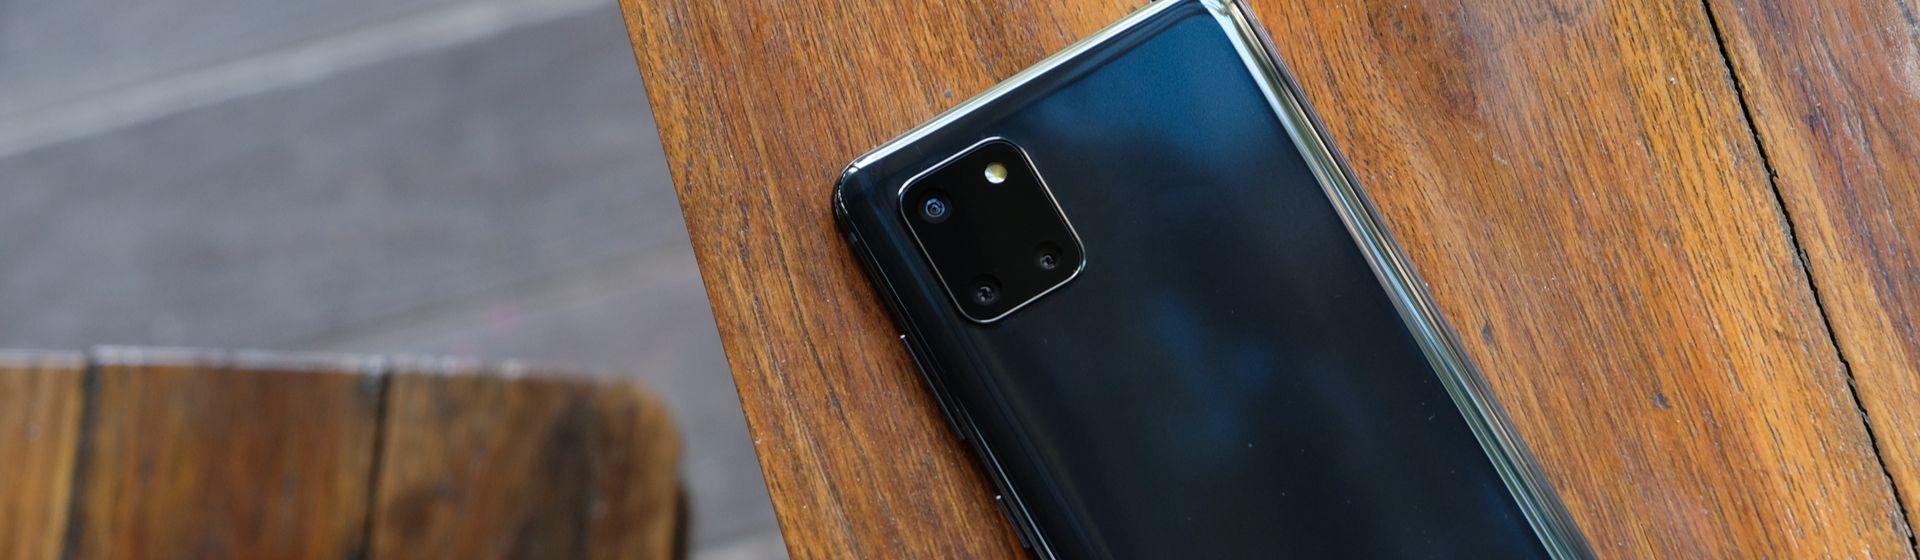 Dia dos Pais: 10 celulares para dar de presente em 2020